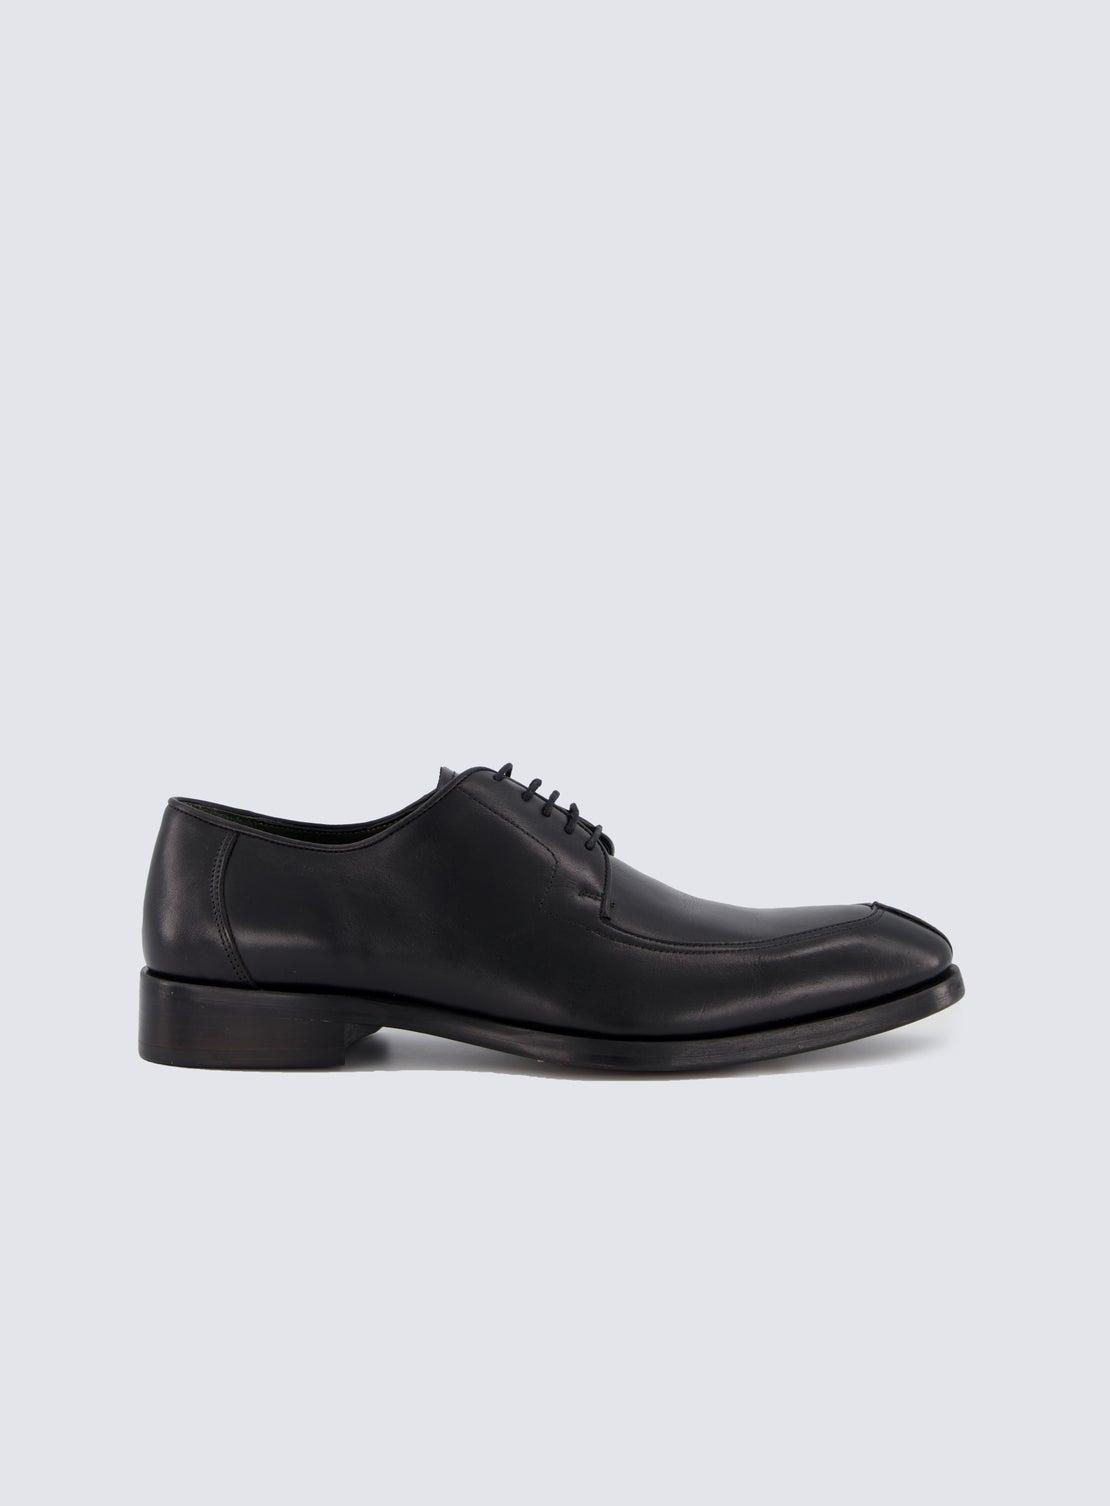 Ocasek Black Shoe